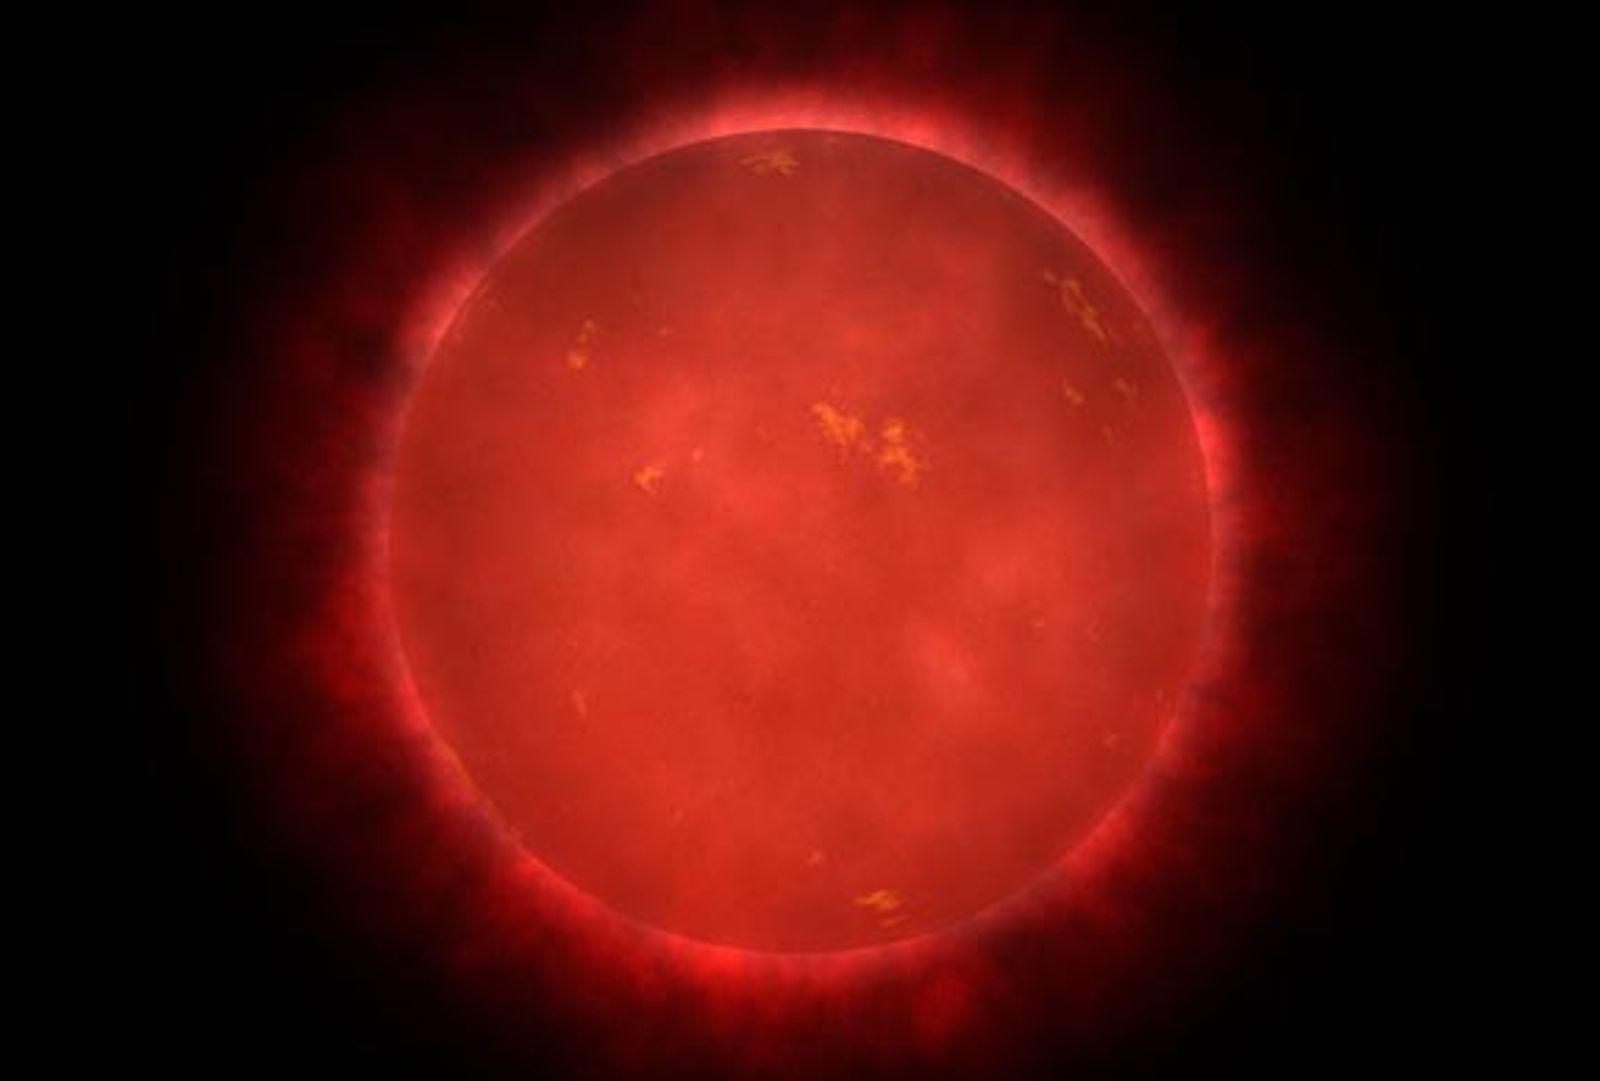 Découverte de deux planètes potentiellement habitables à 12 années-lumière de la Terre